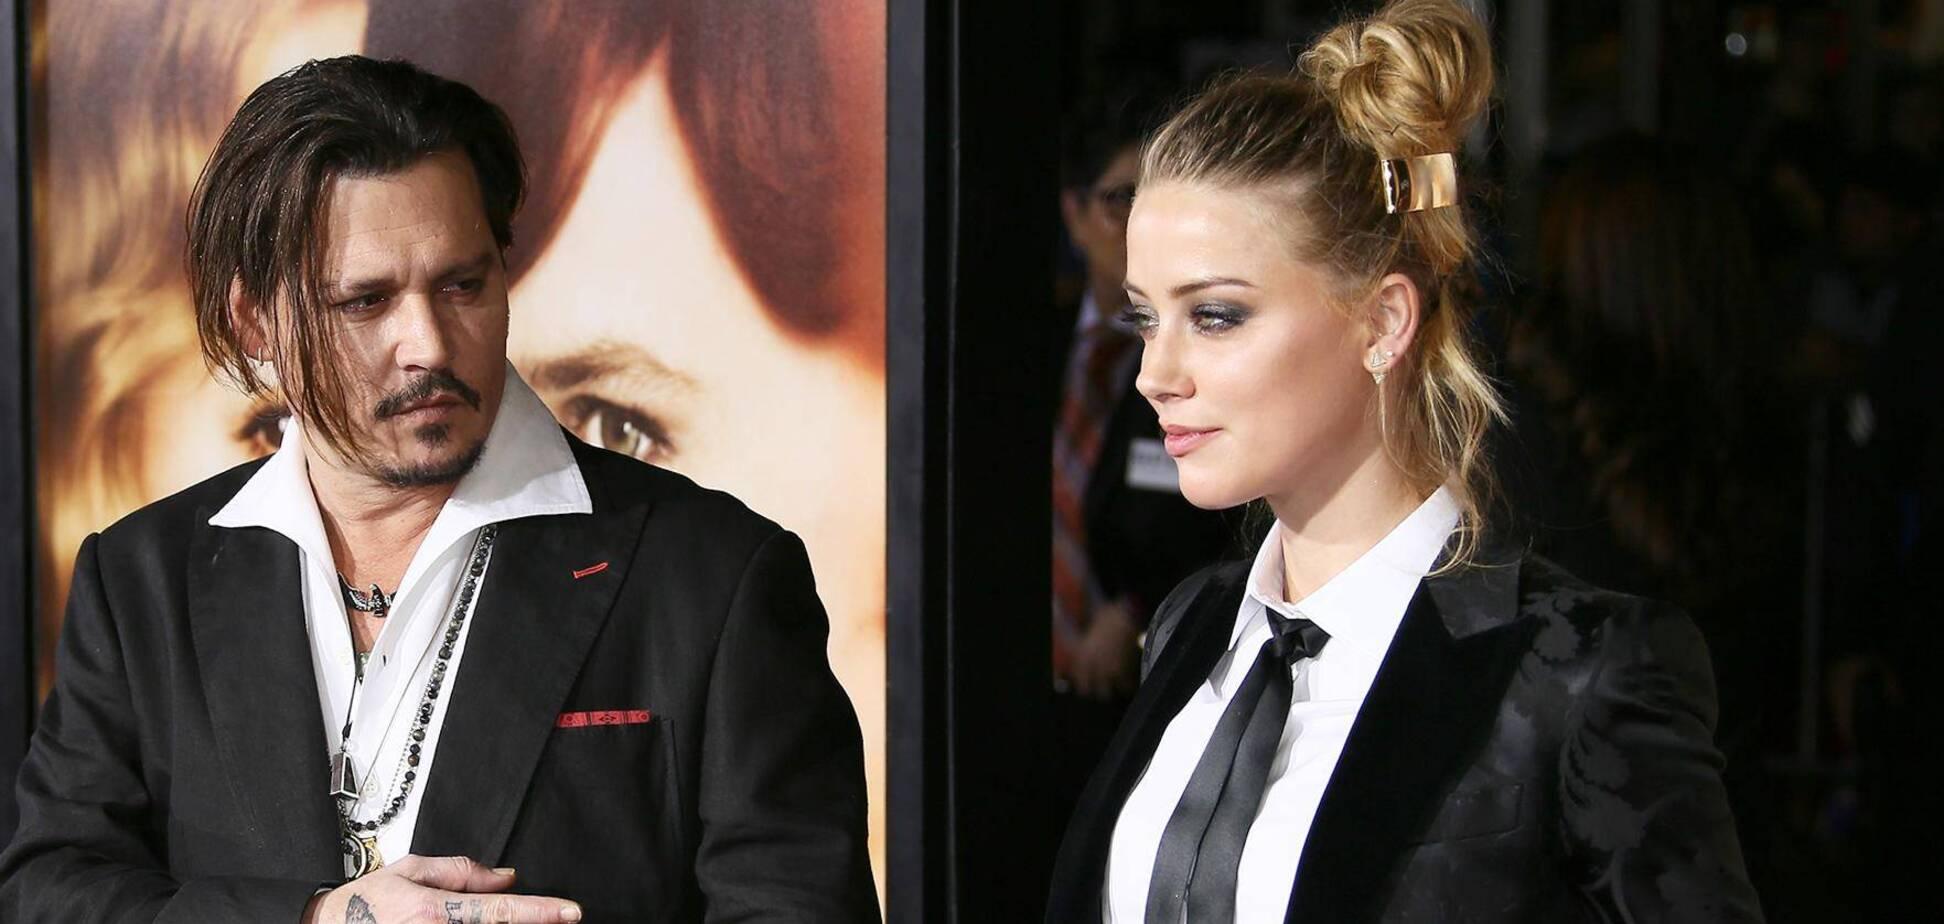 Суд между Джонни Деппом и Эмбер Герд продолжается уже неделю